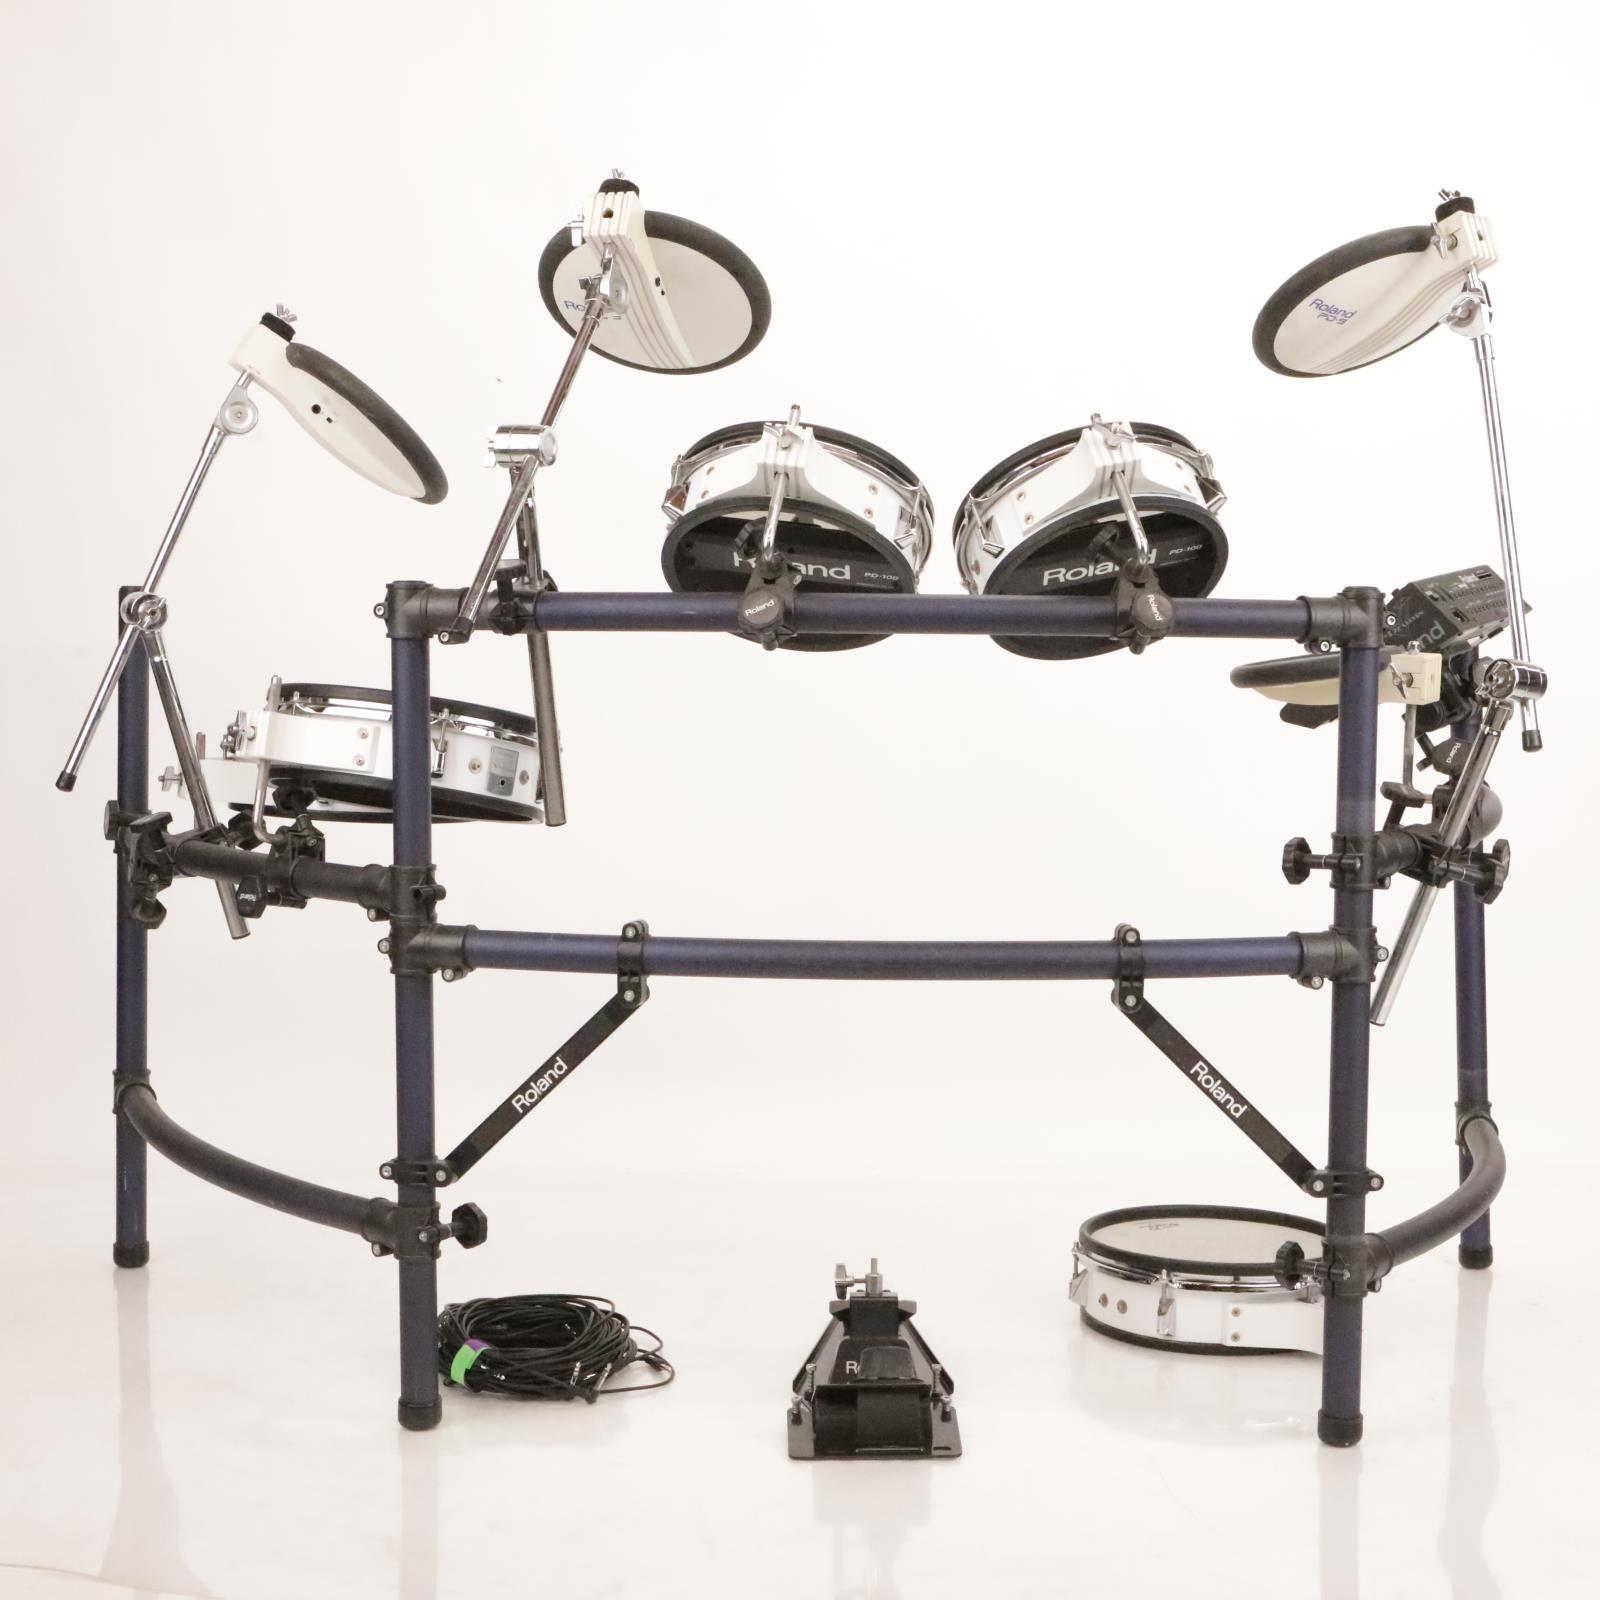 Roland TD-10 KV V-Drums Electronic Drum Kit PD-100 PD-120 KD-7 FD-7 Rack #36927